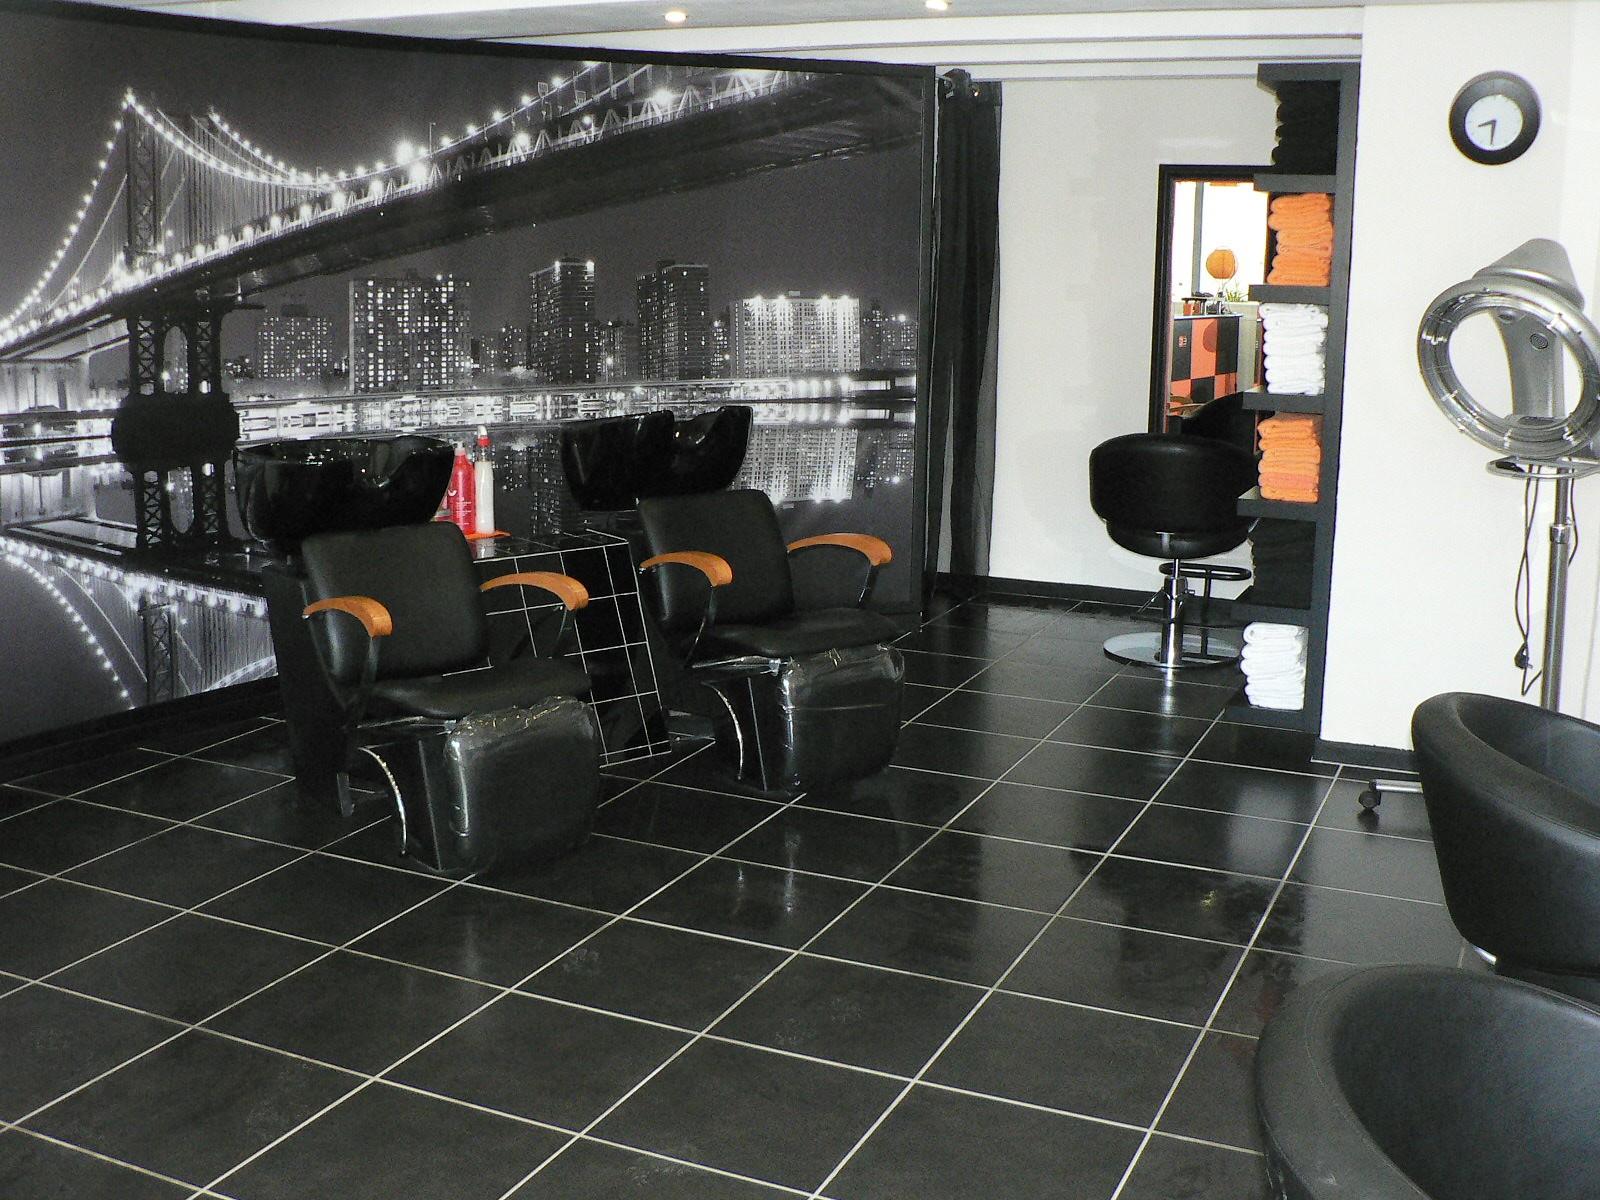 Vente salon de coiffure tarn idees de coiffure pour for Tchip coiffure creteil